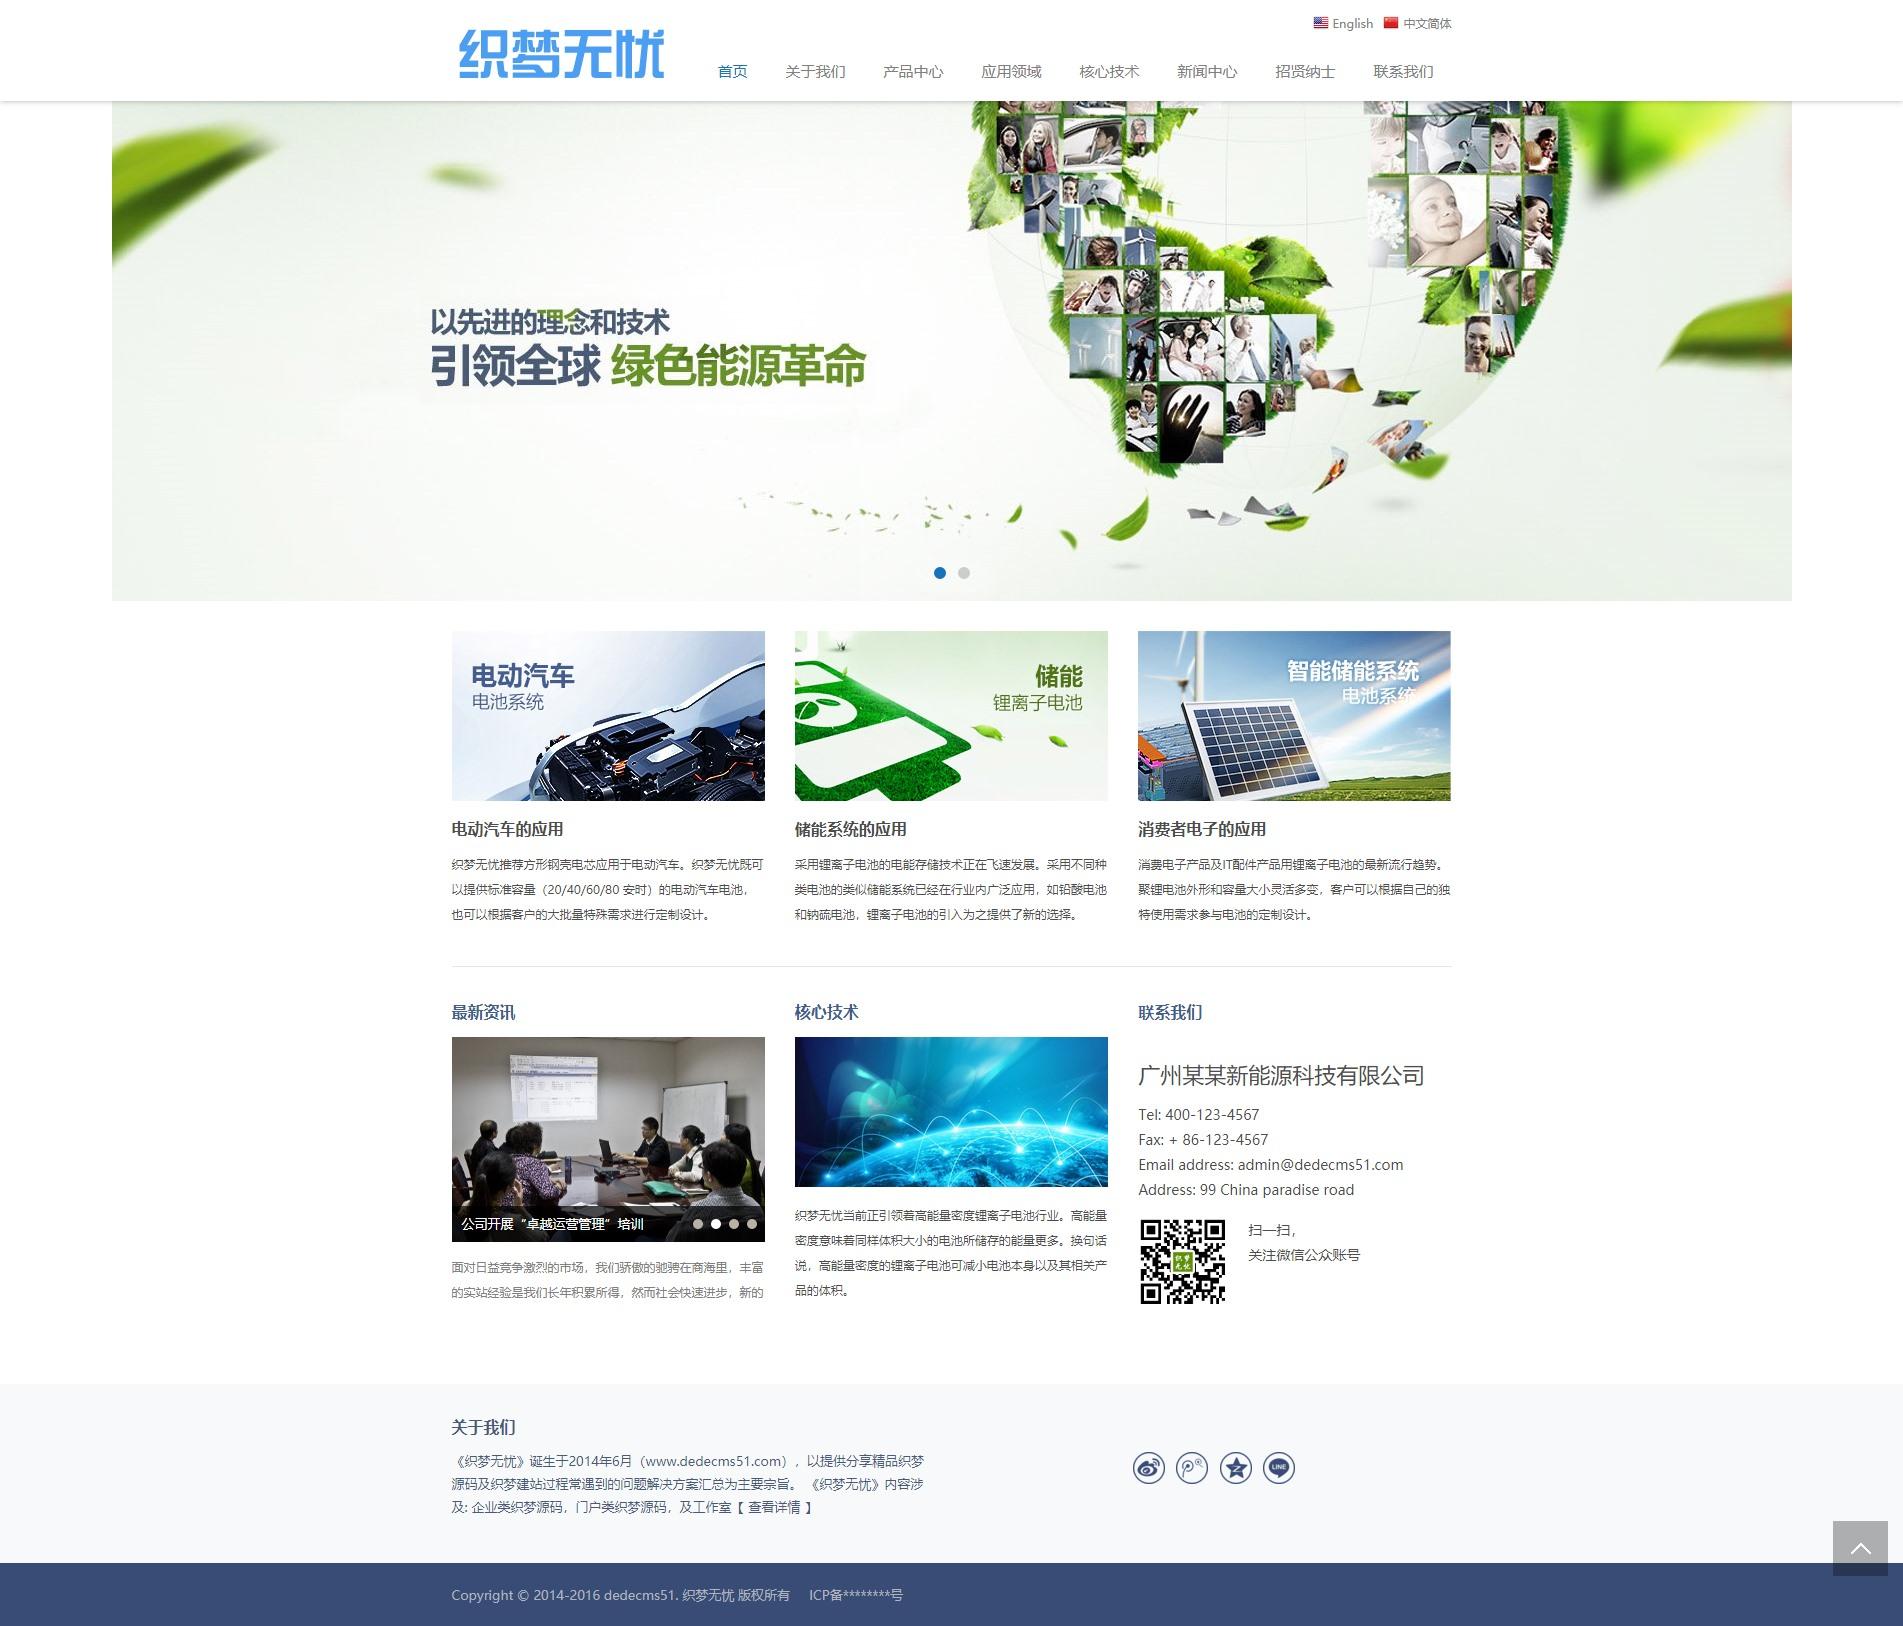 (自适应中英双语)翠绿色新能源技术机器设备公司织梦网站模板DEDECMS模板下载源代码插图